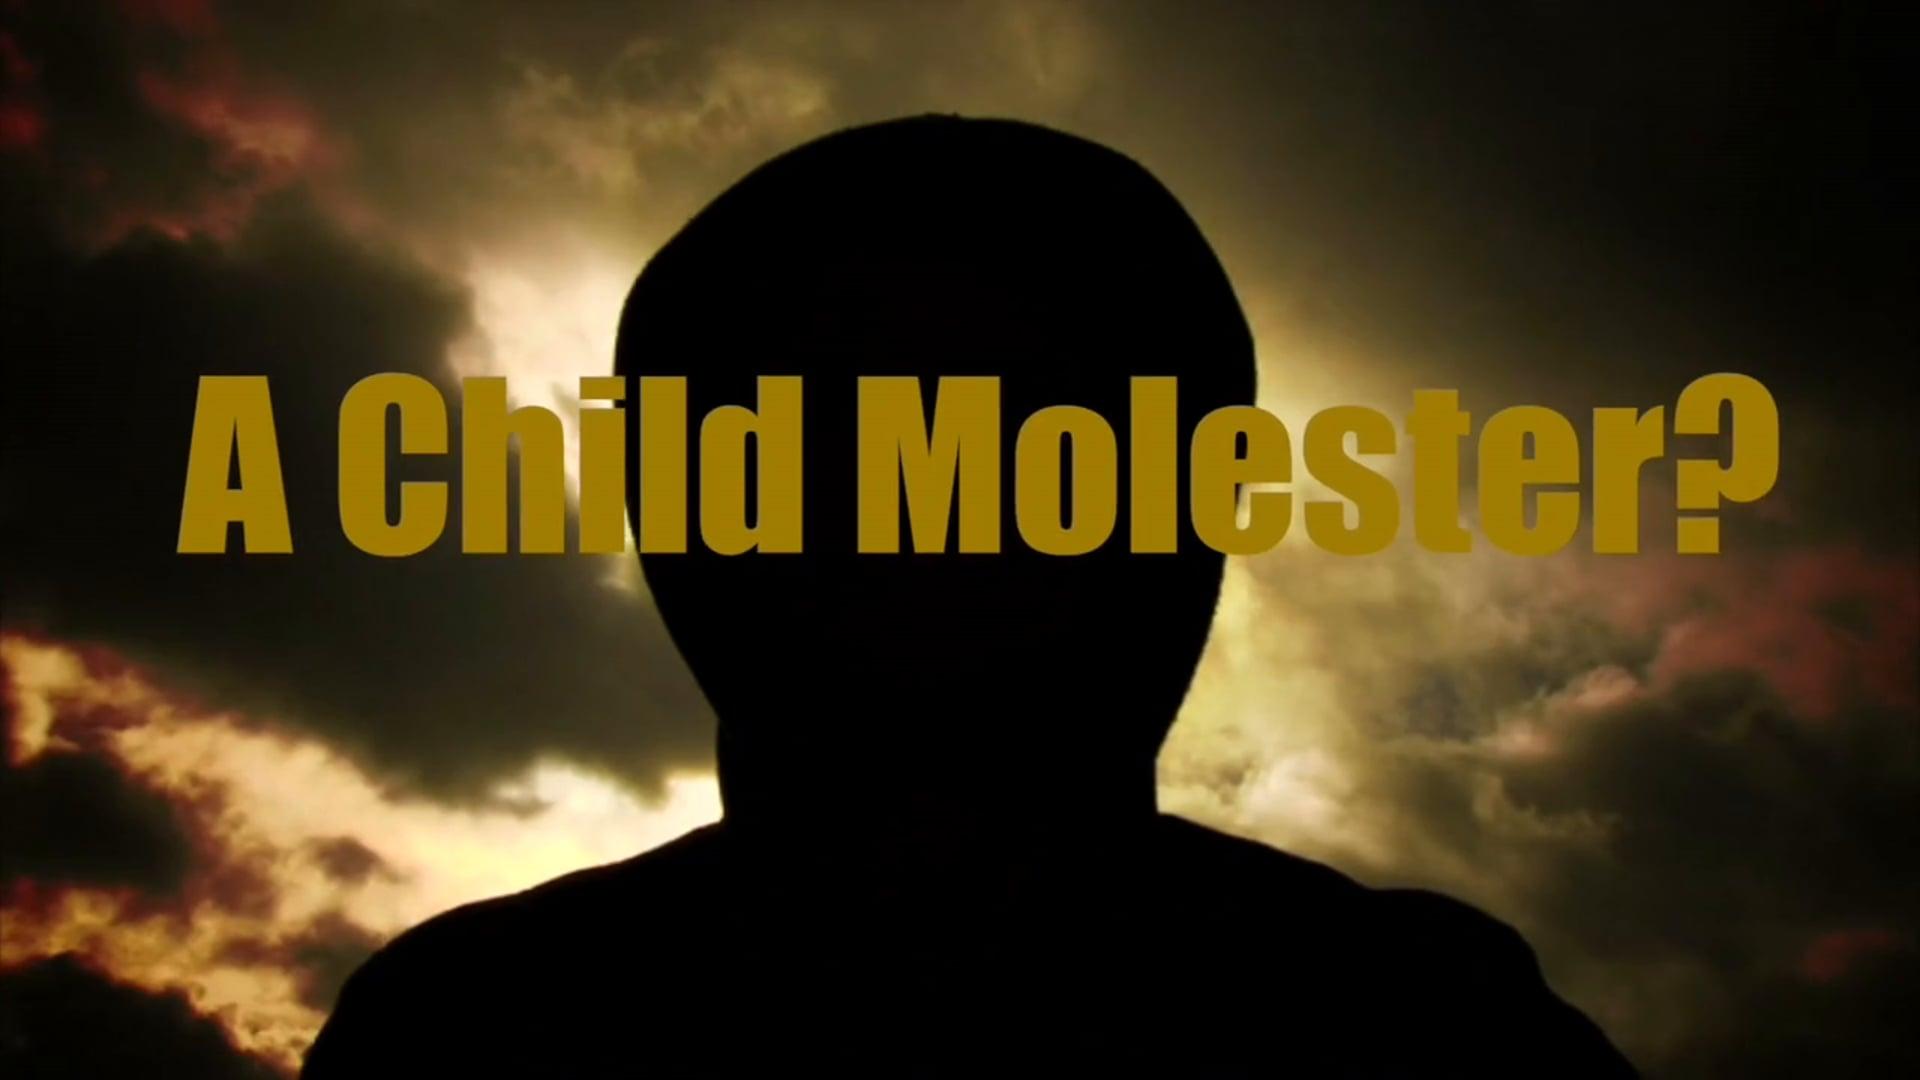 How Do You Spot A Child Molester?